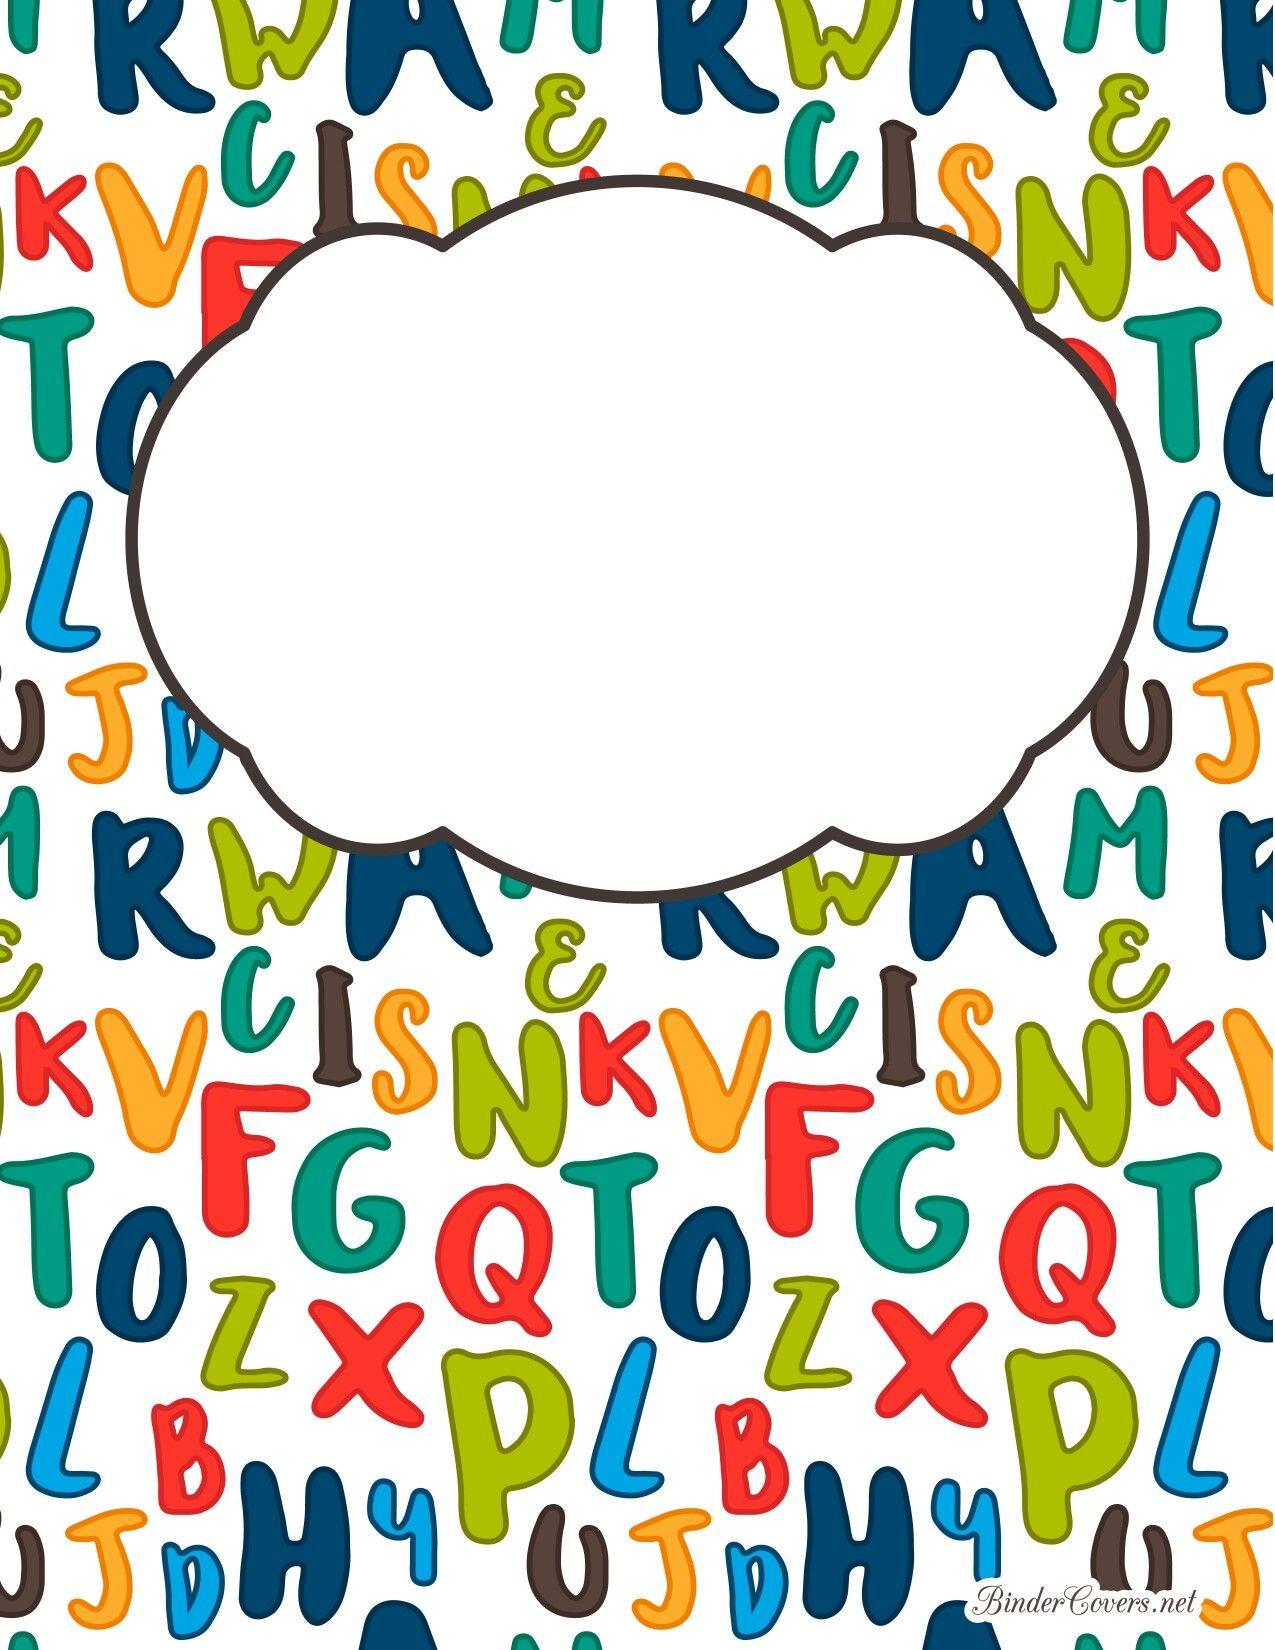 Portada letras. | Caratulas | Pinterest | Letras, Marcos y Etiquetas